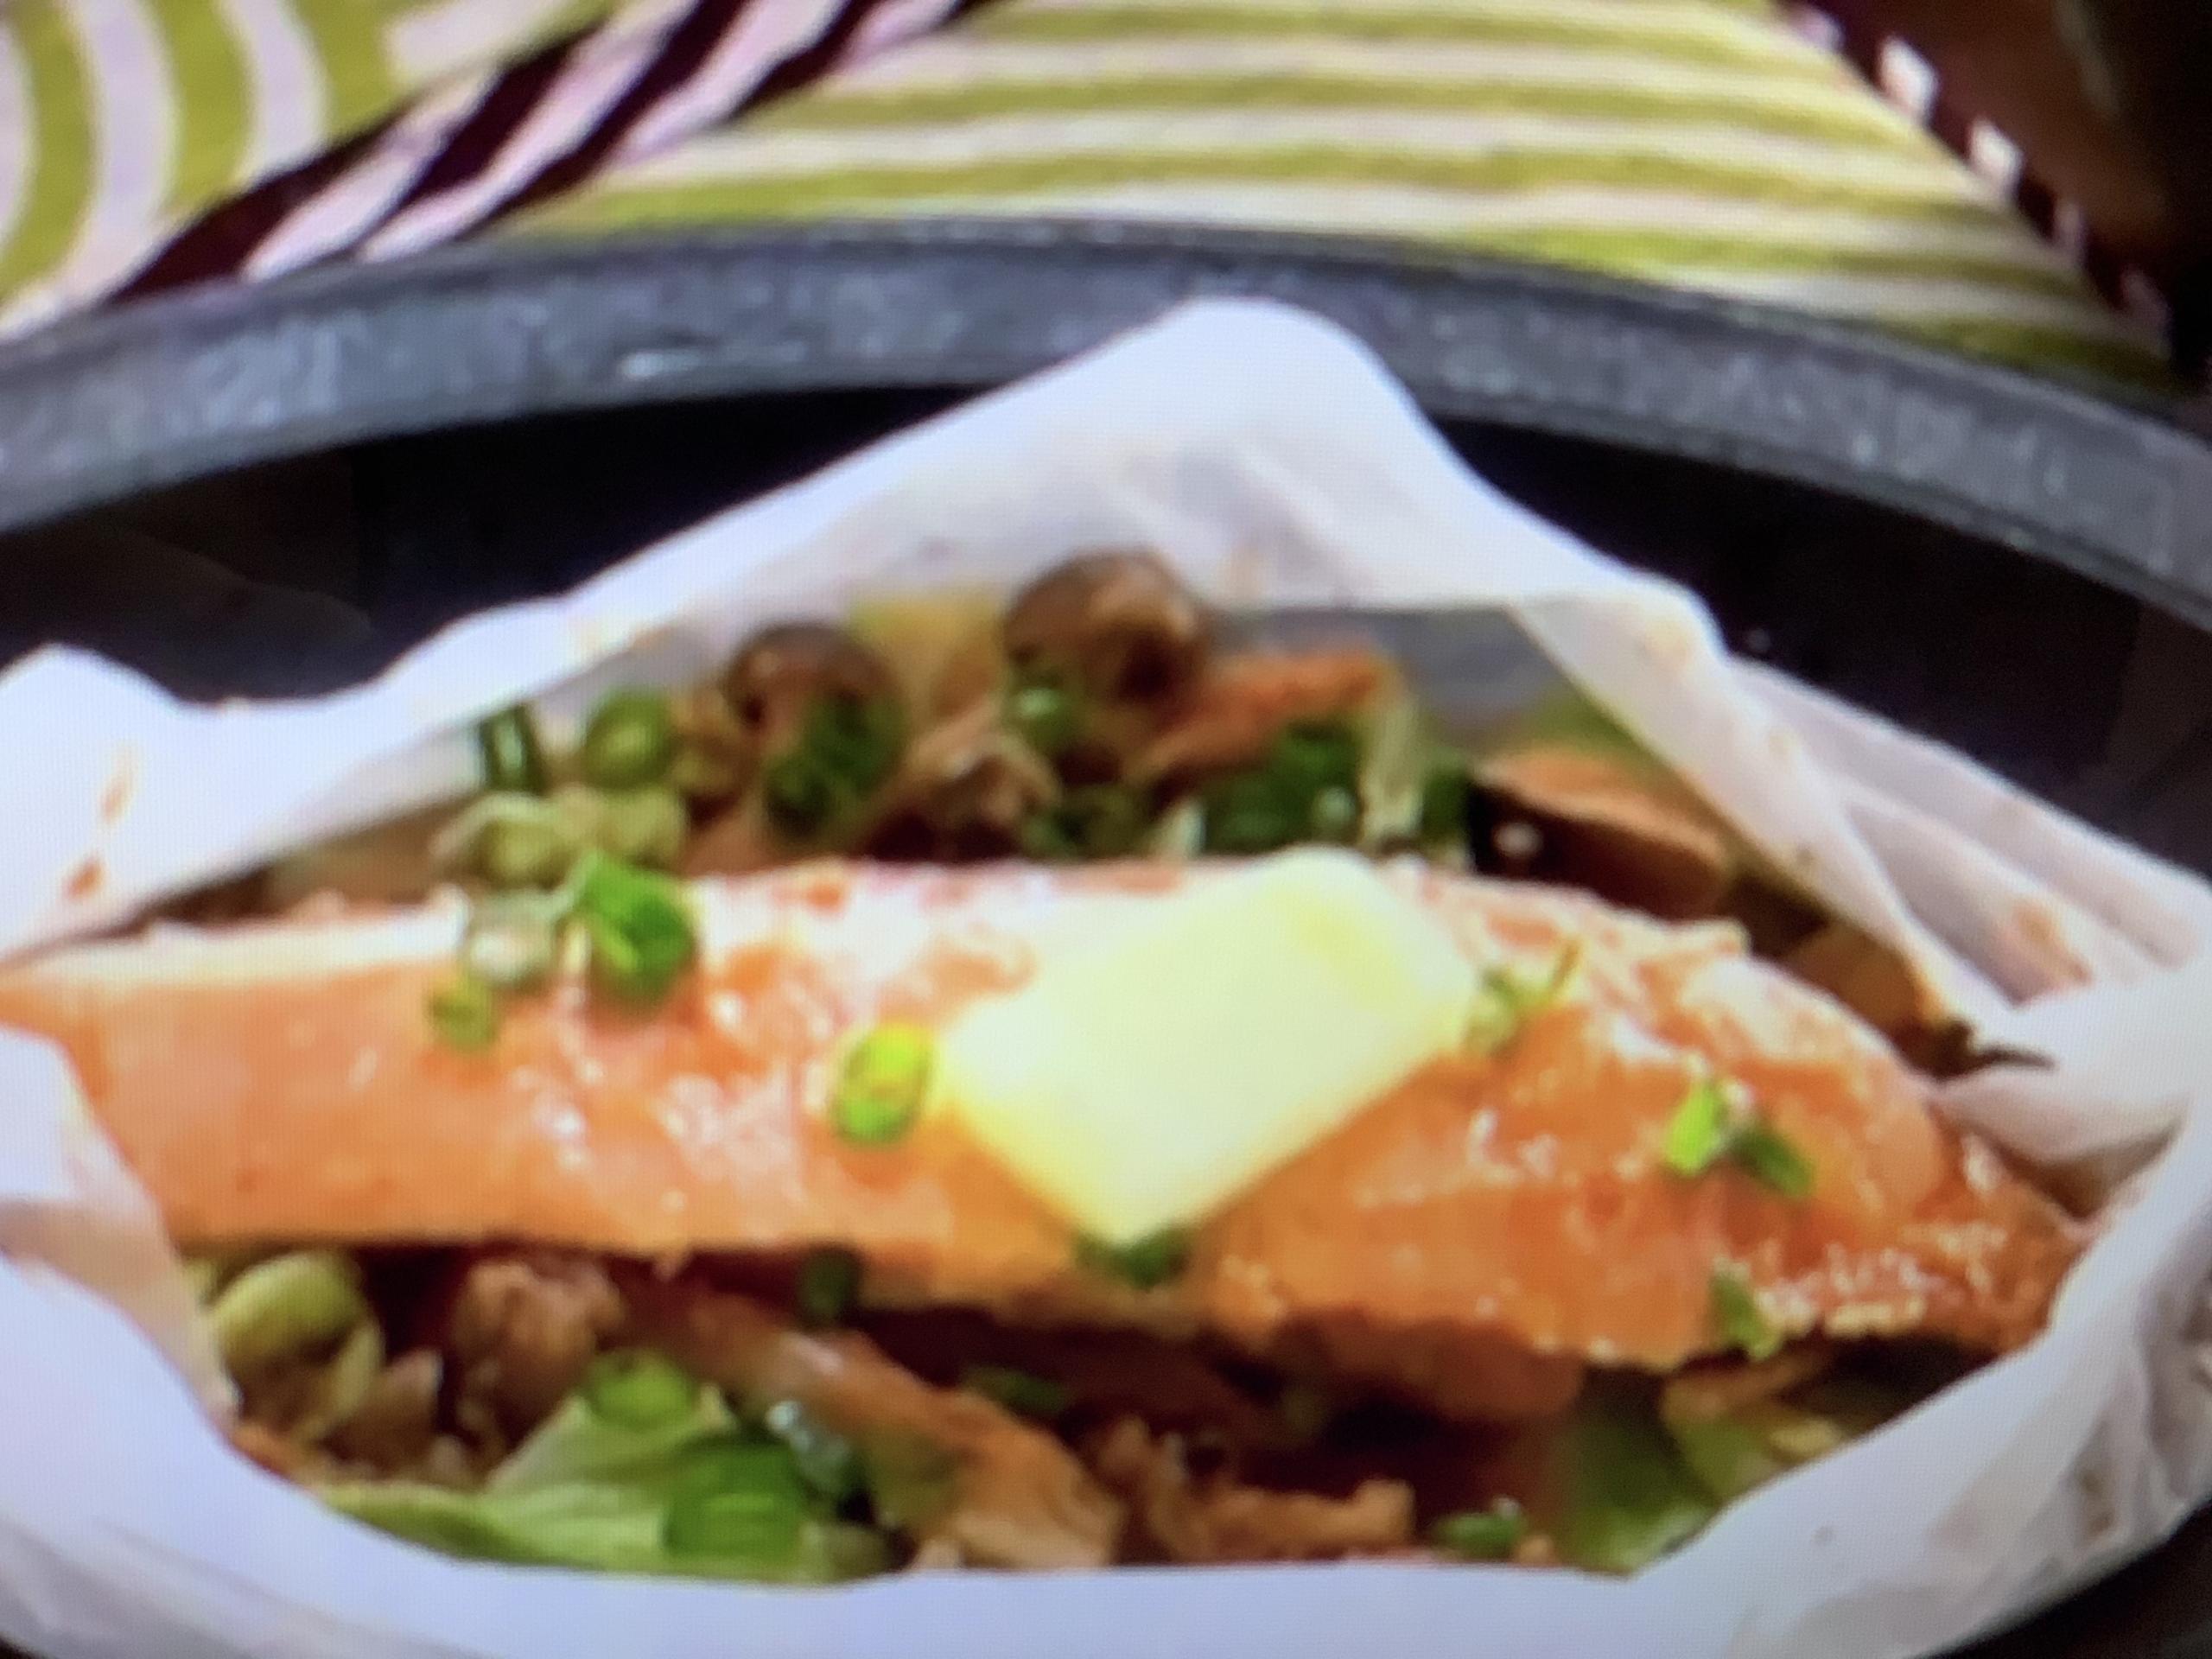 リュウジ レシピ 鮭のちゃんちゃん蒸し 画像